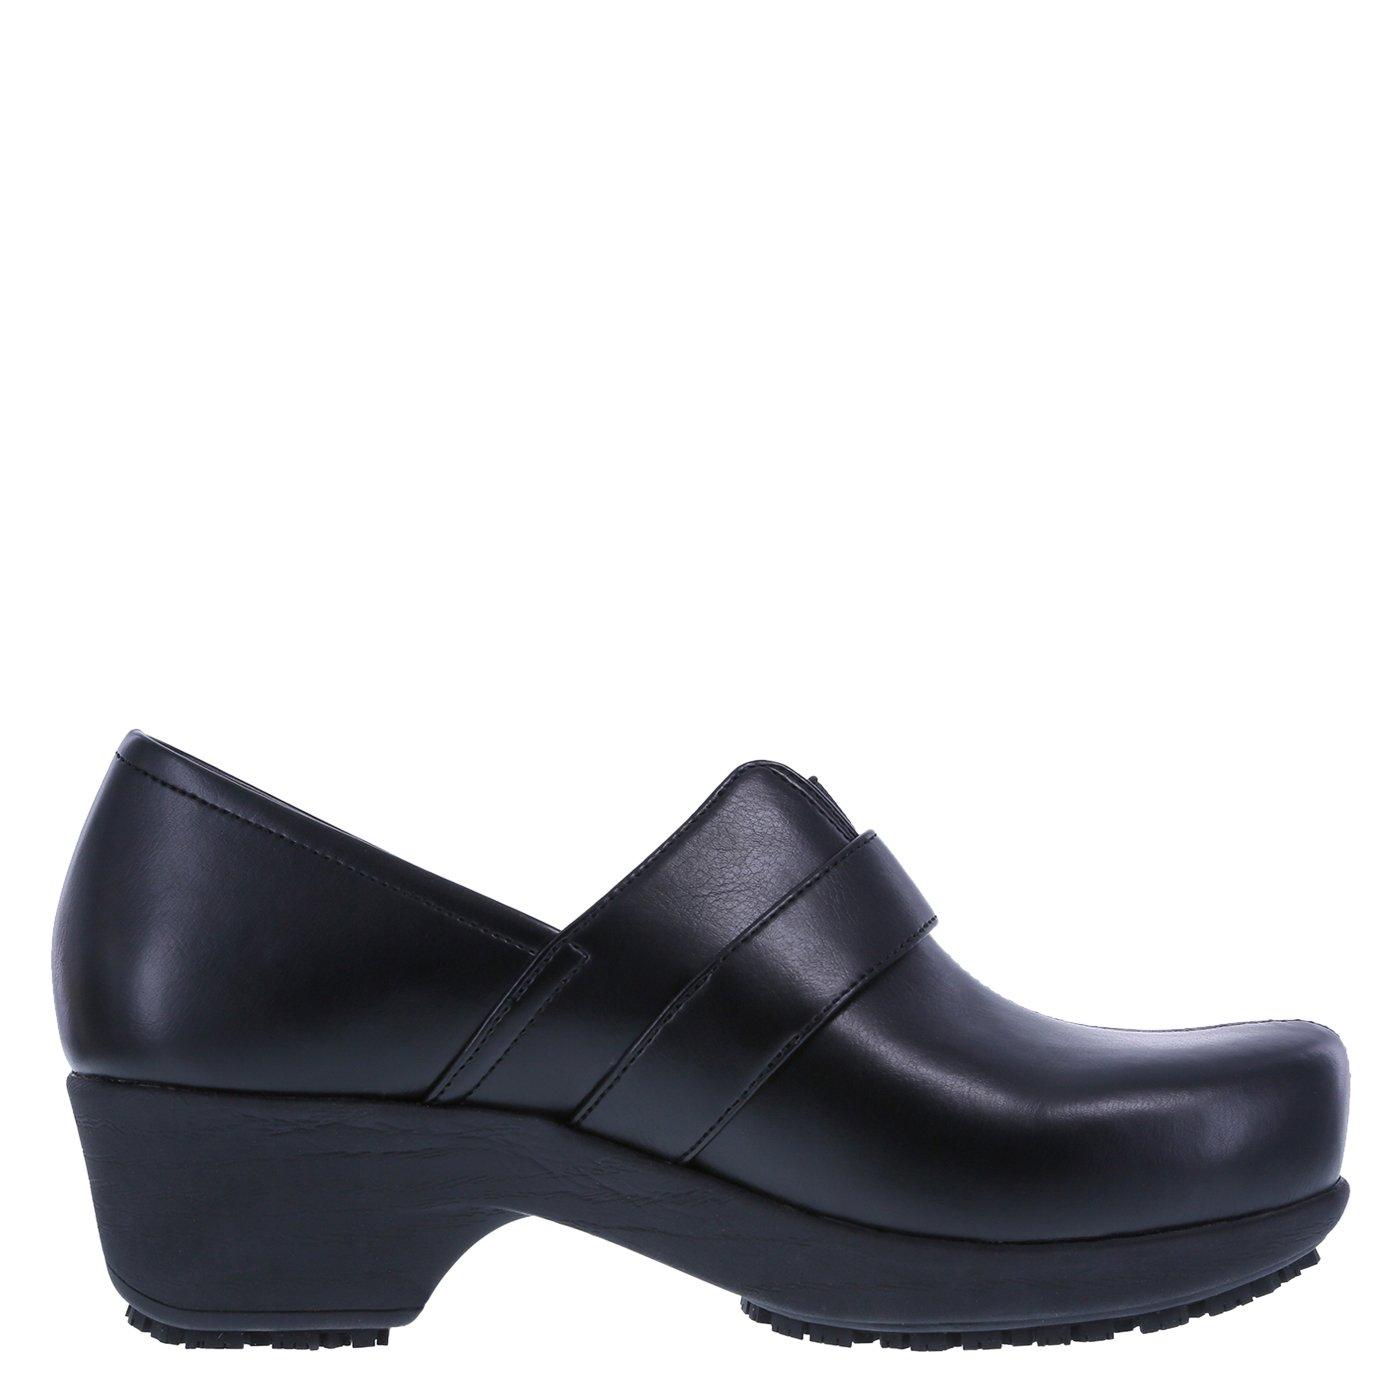 safeTstep Slip Resistant Women's Black Women's Buckle Gretchen Clog 8.5 Regular by safeTstep (Image #2)